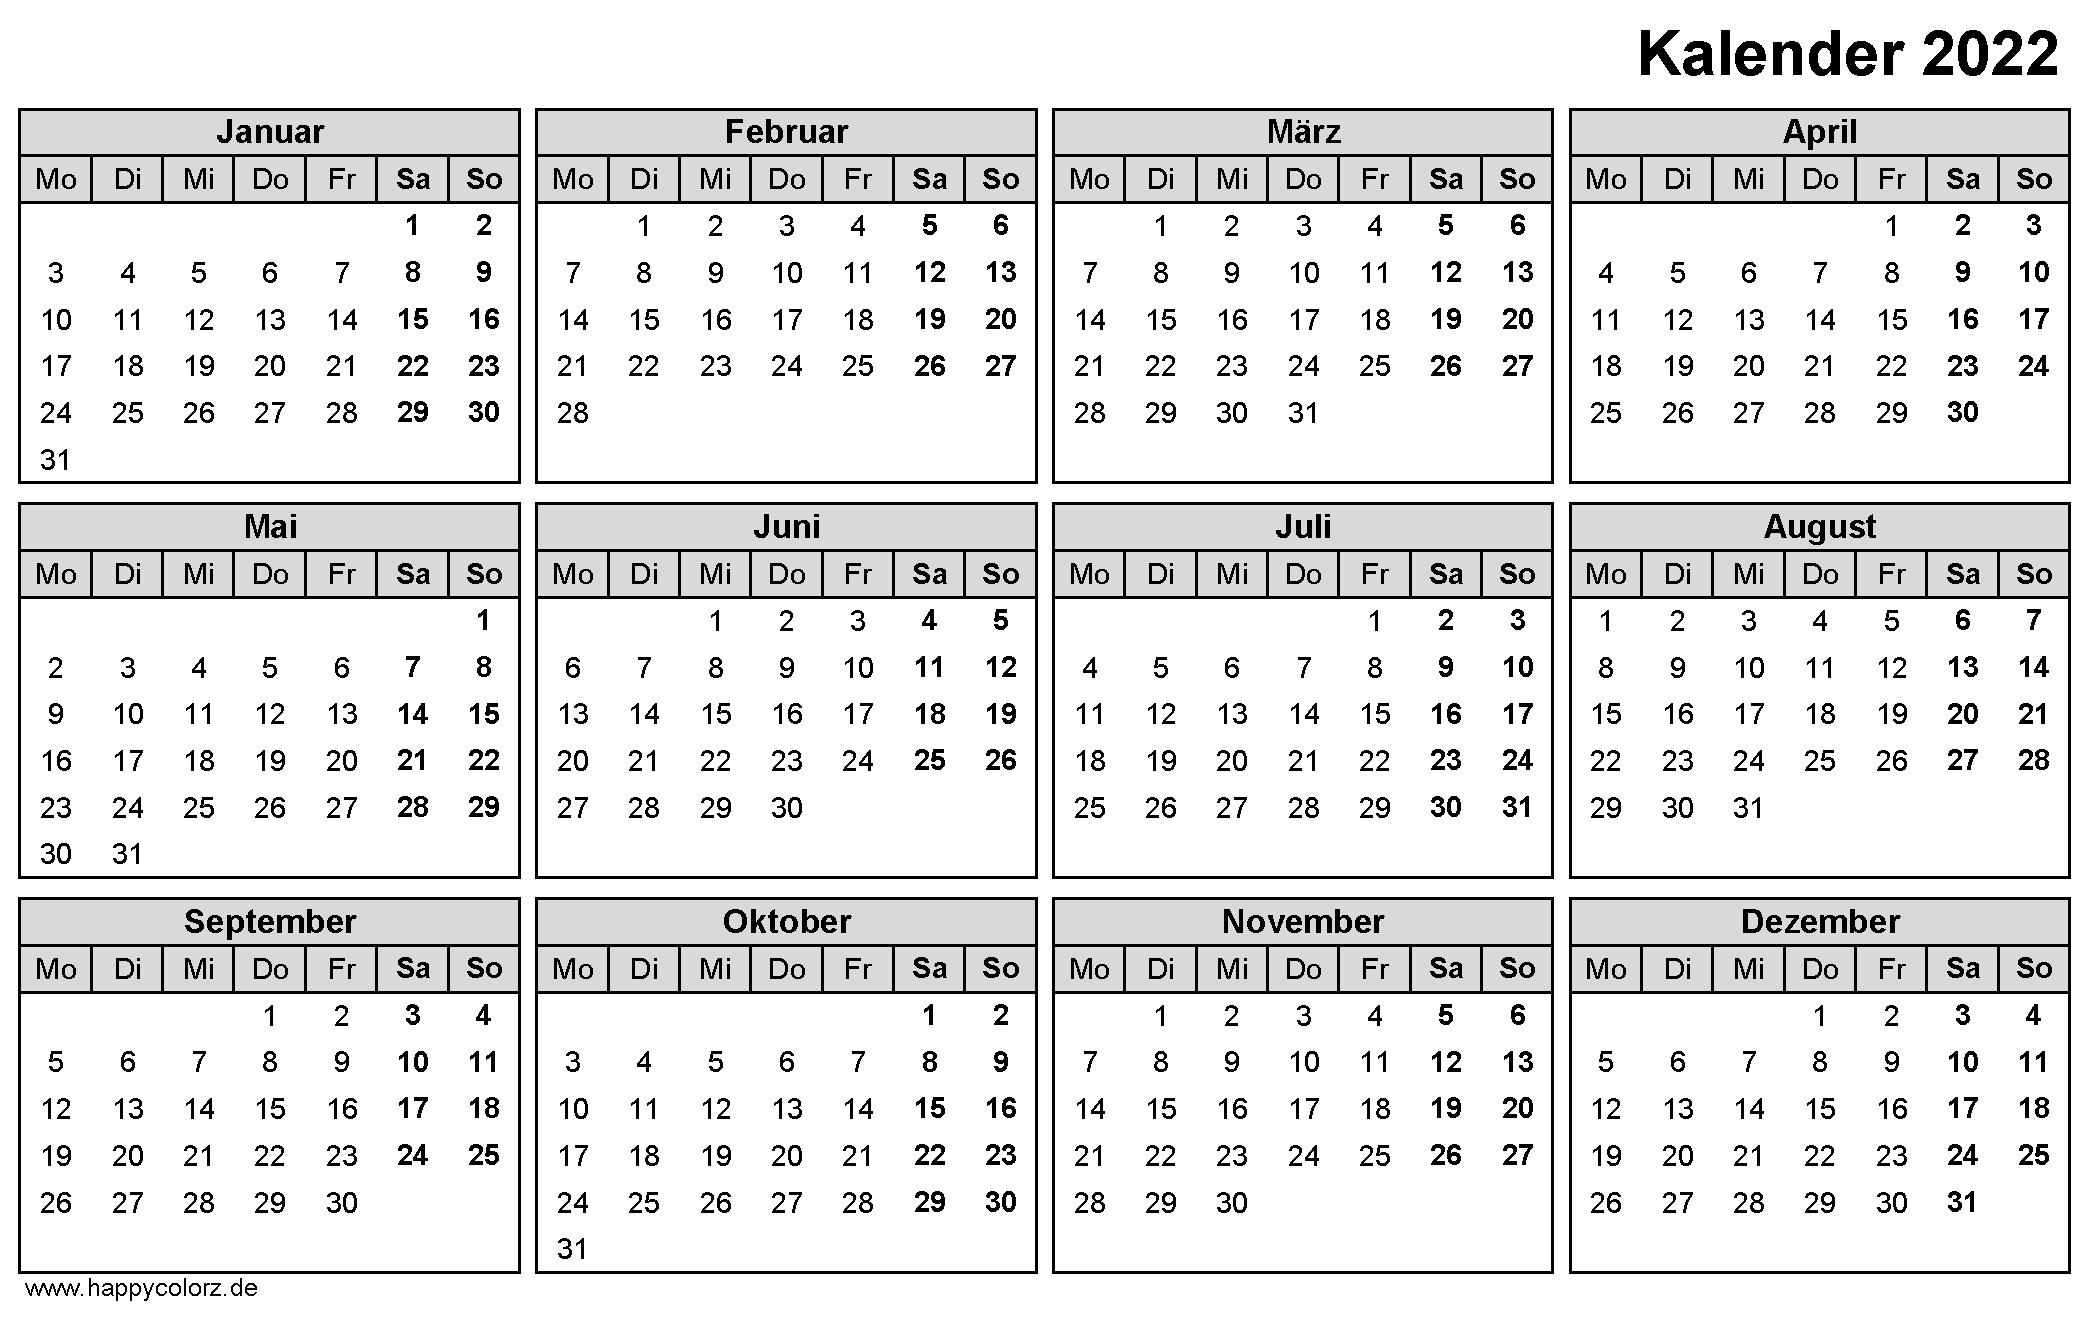 Jahreskalender 2022 zum Ausdrucken